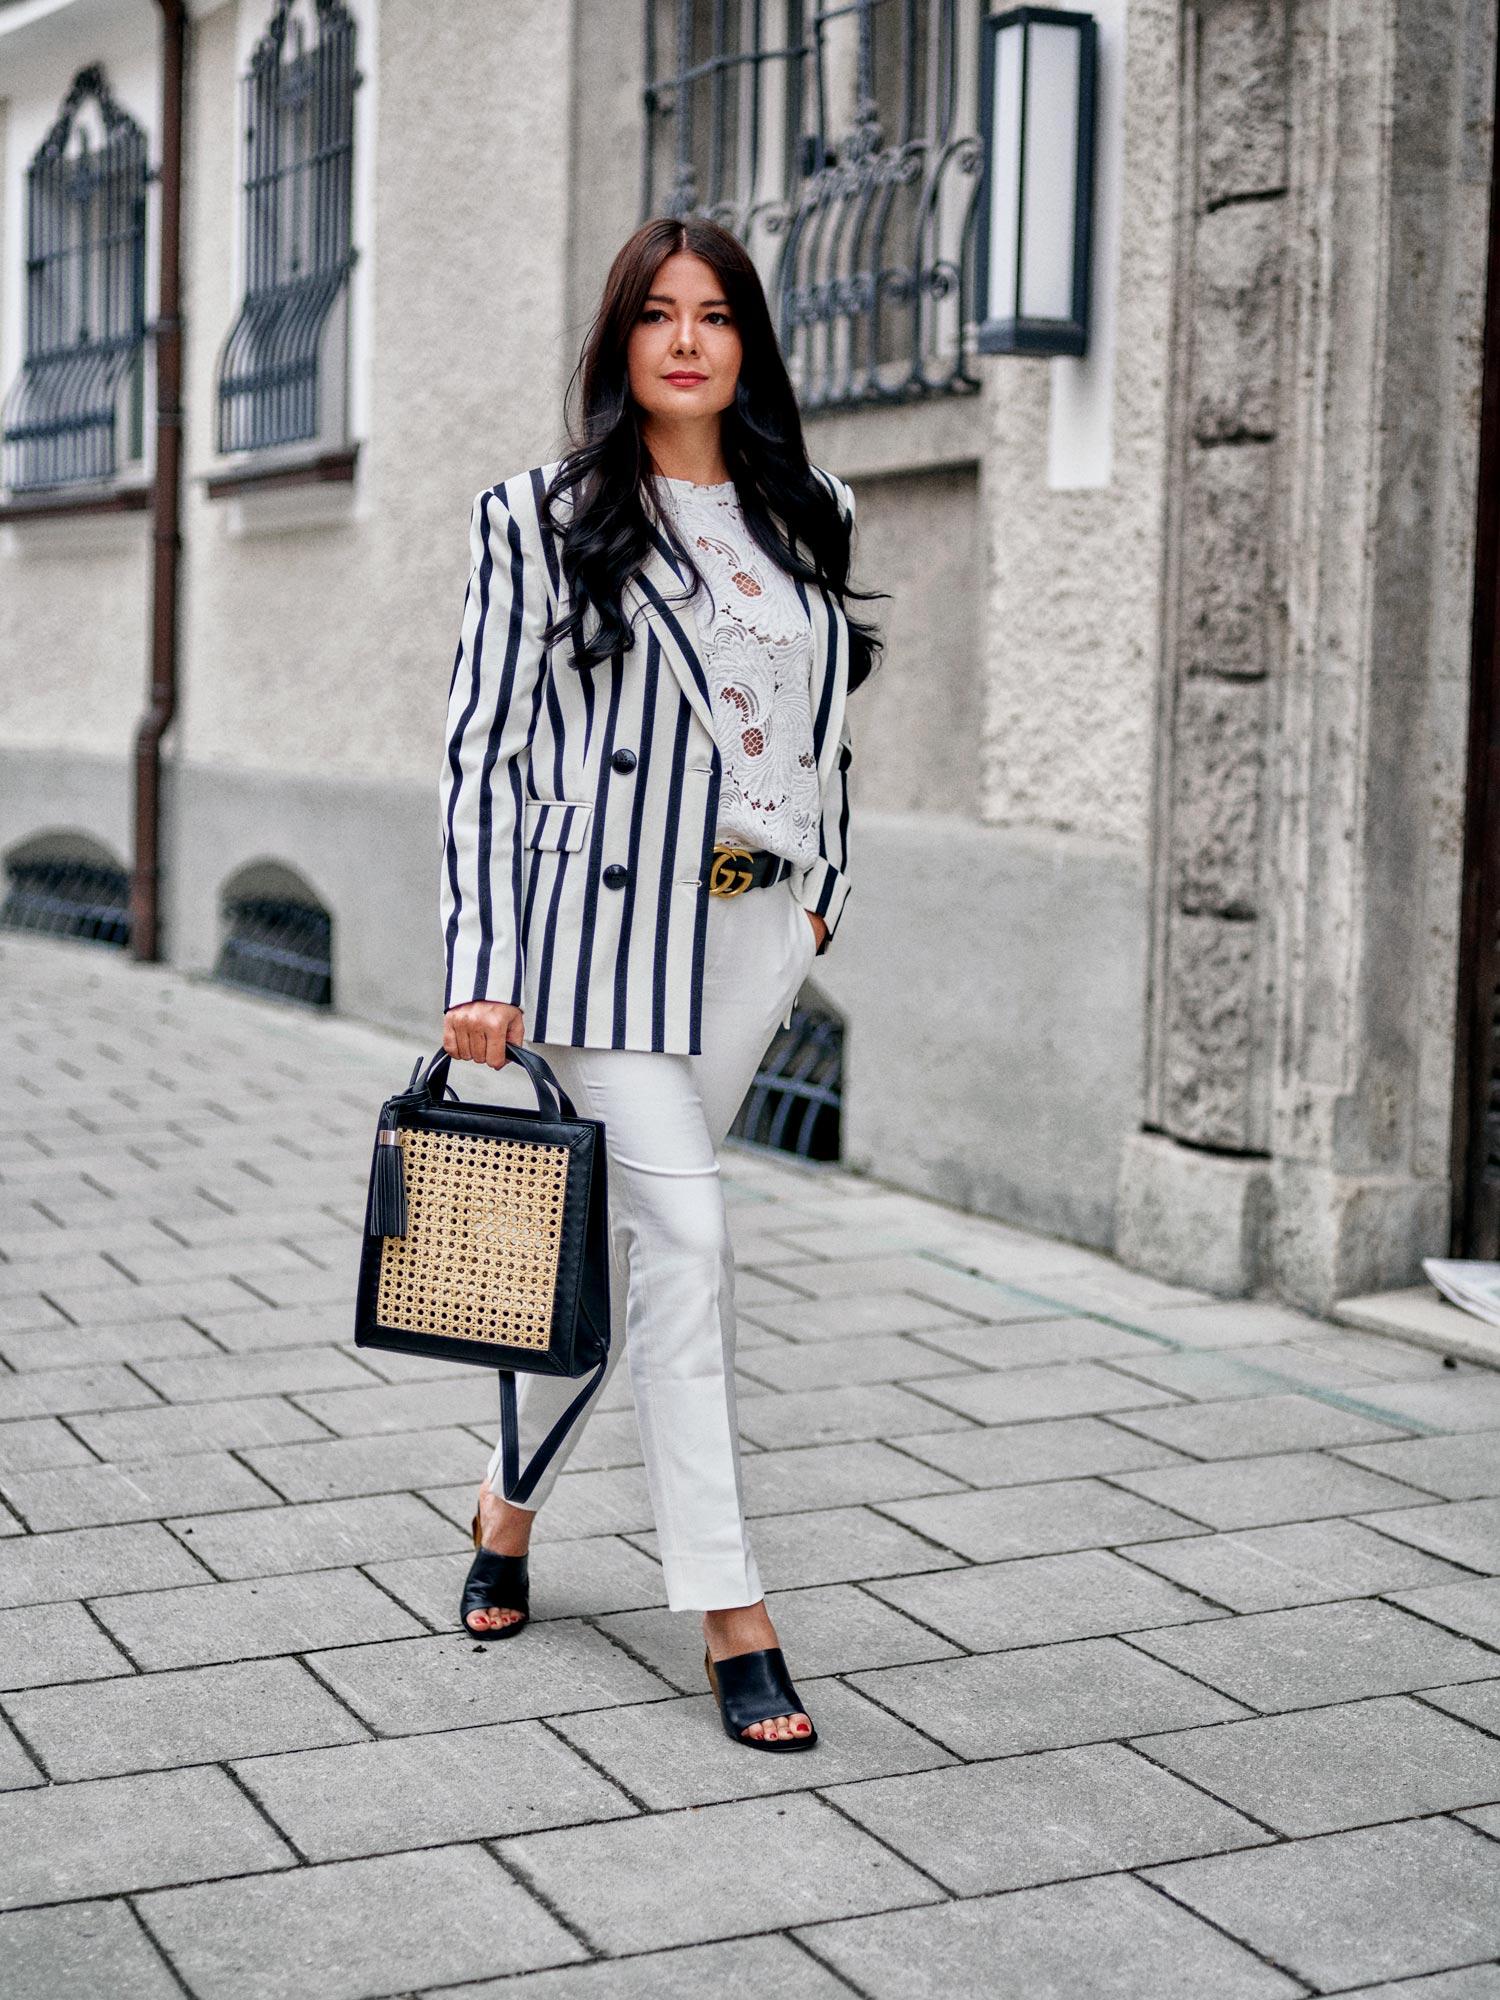 fashion-blogger-aus-muenchen-fashionblogger-lifestyleblogger-beautyblogger-fashion-blogger-modeblogger-modeblog-munich-blog-muenchen-geflochtene-handtaschen-und-schuhe-im-trend